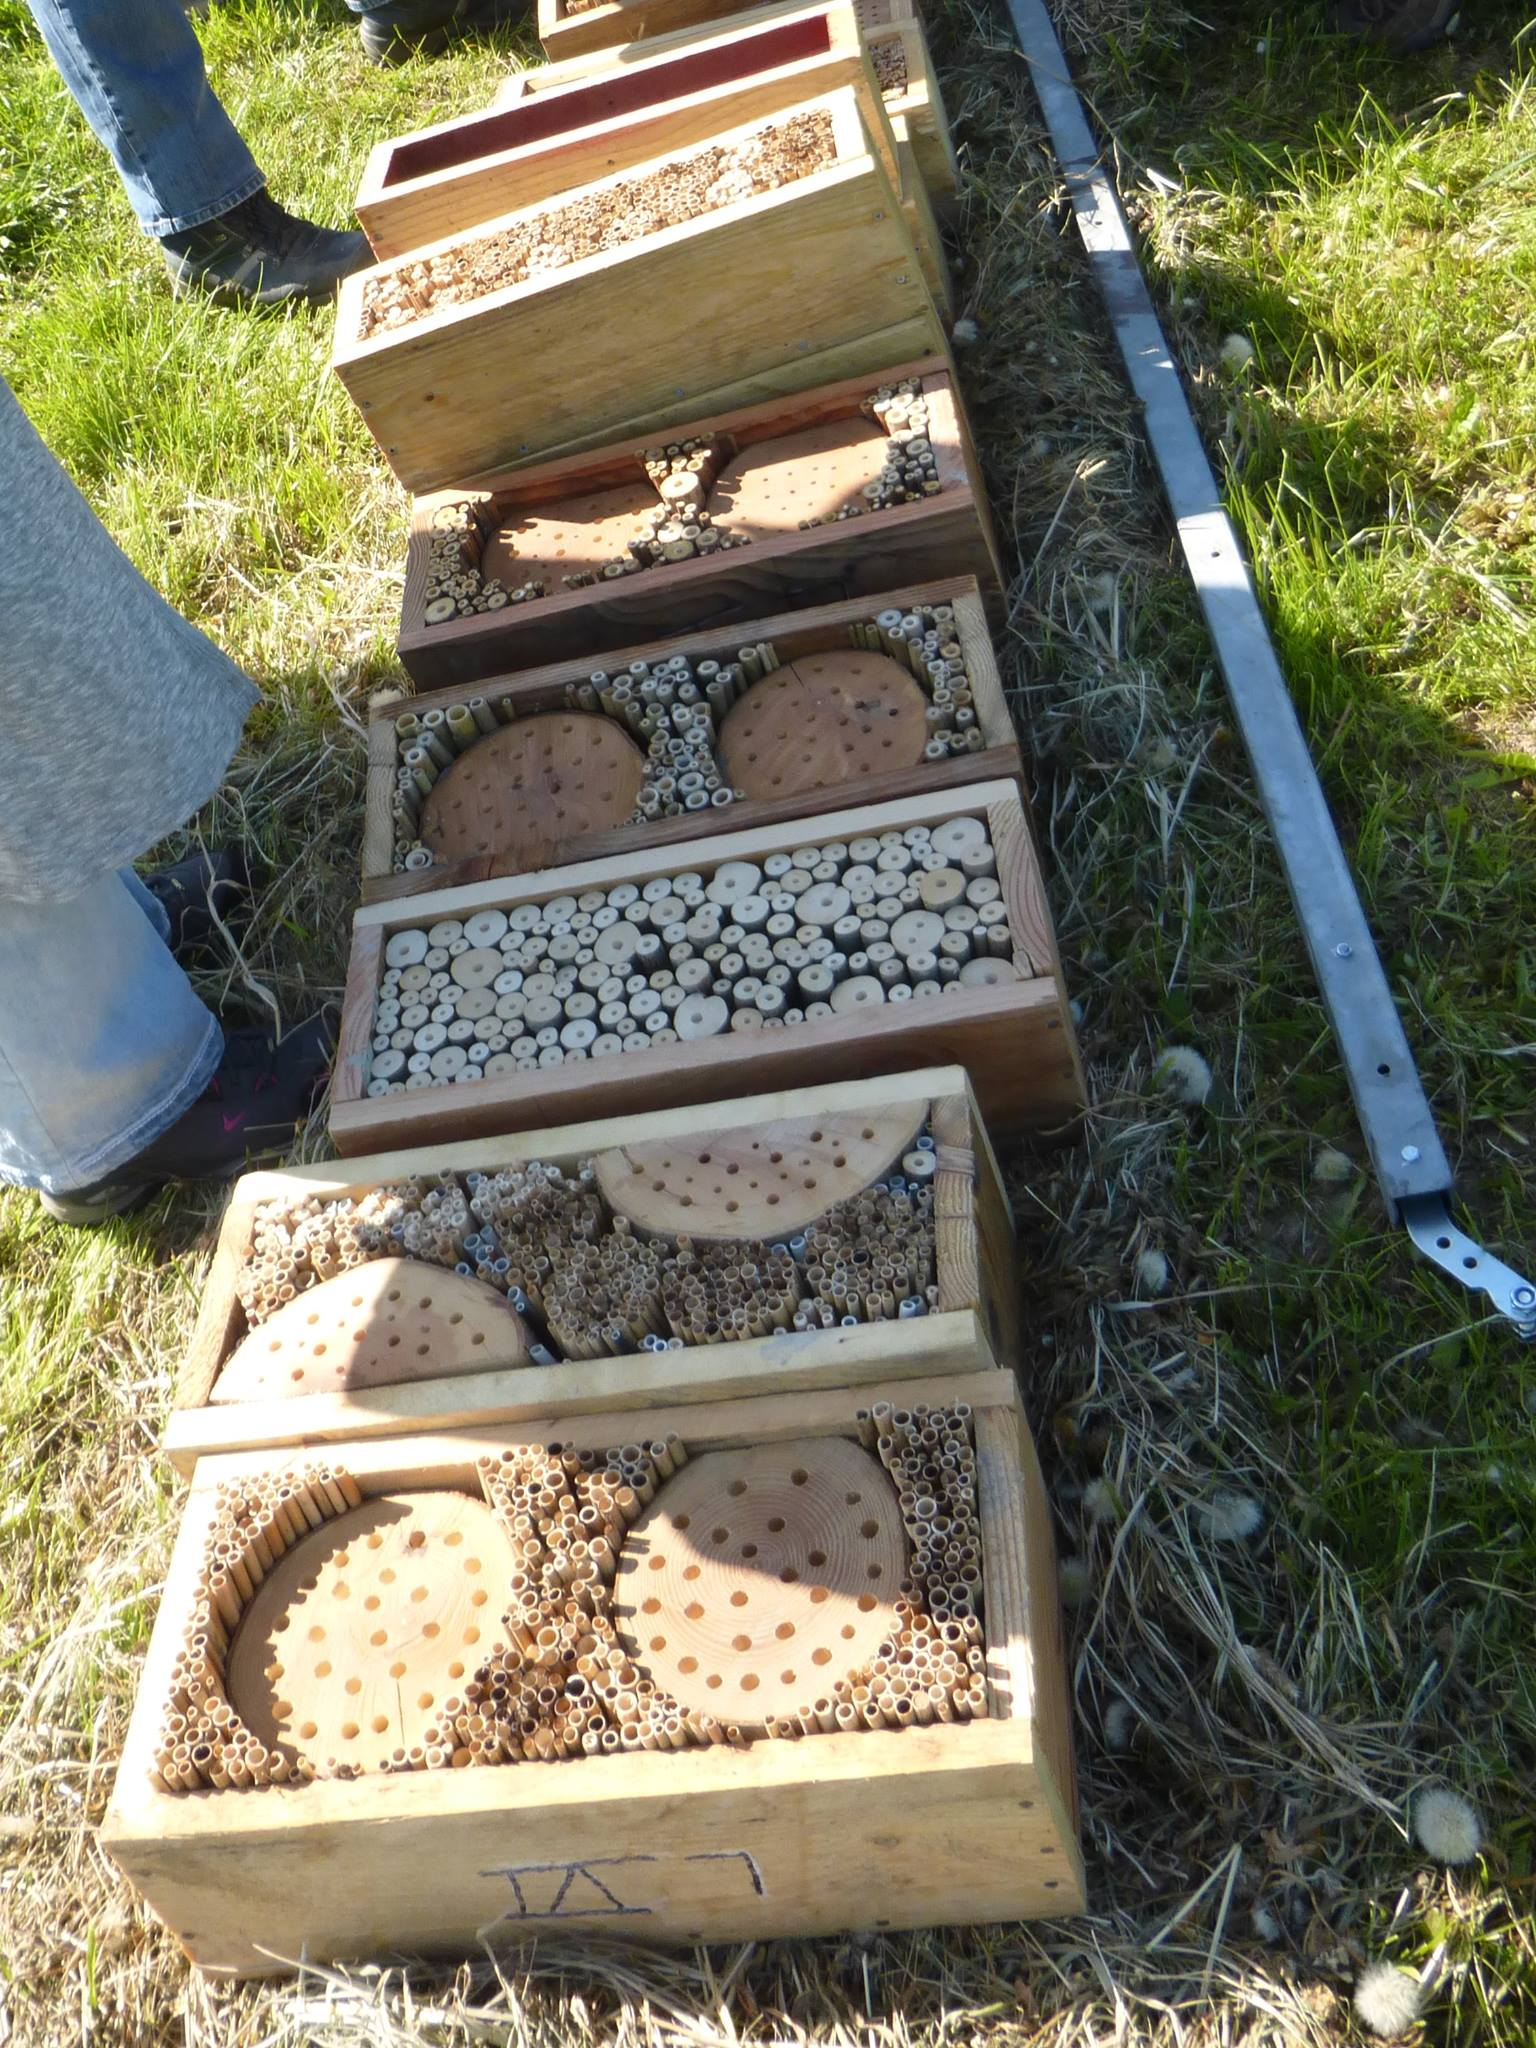 Die Einzelteile des Insektenhotels wurden vor Ort zusammengebaut...